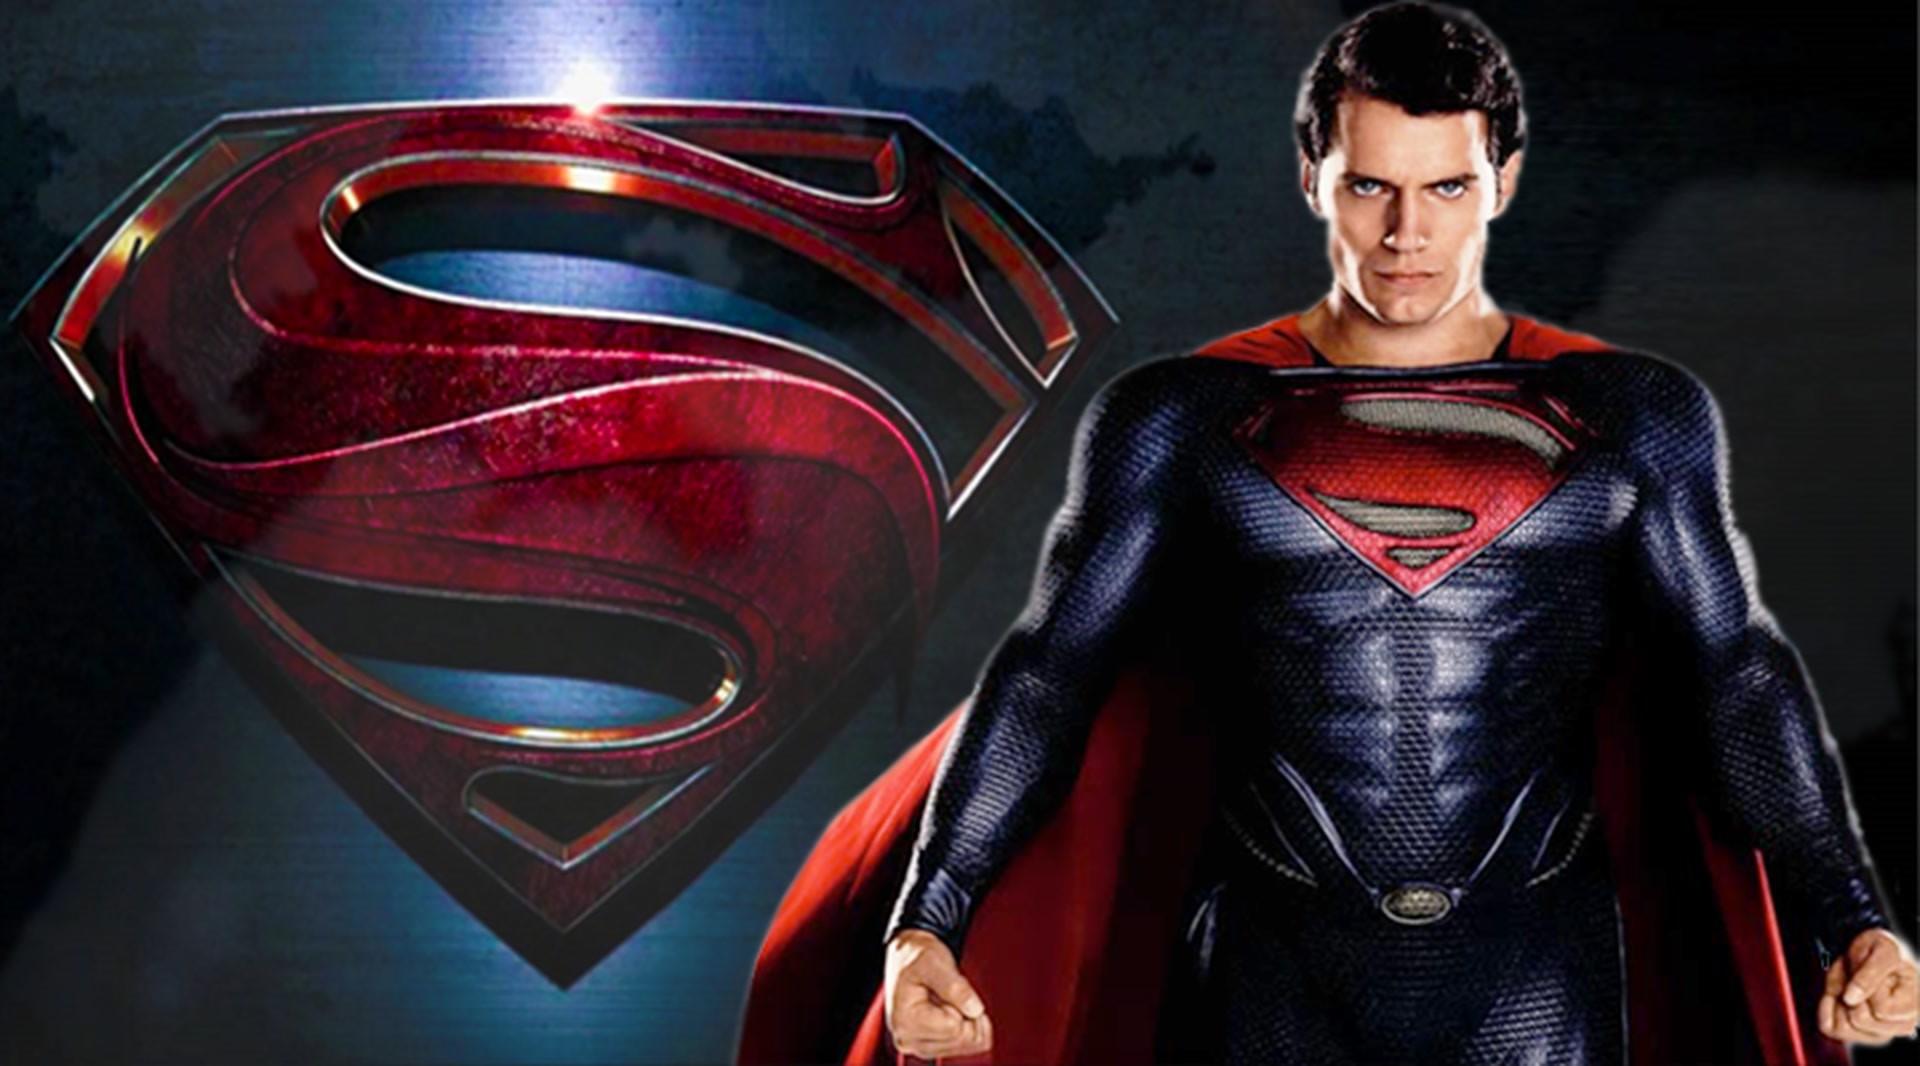 Ảnh nền Superman đẹp